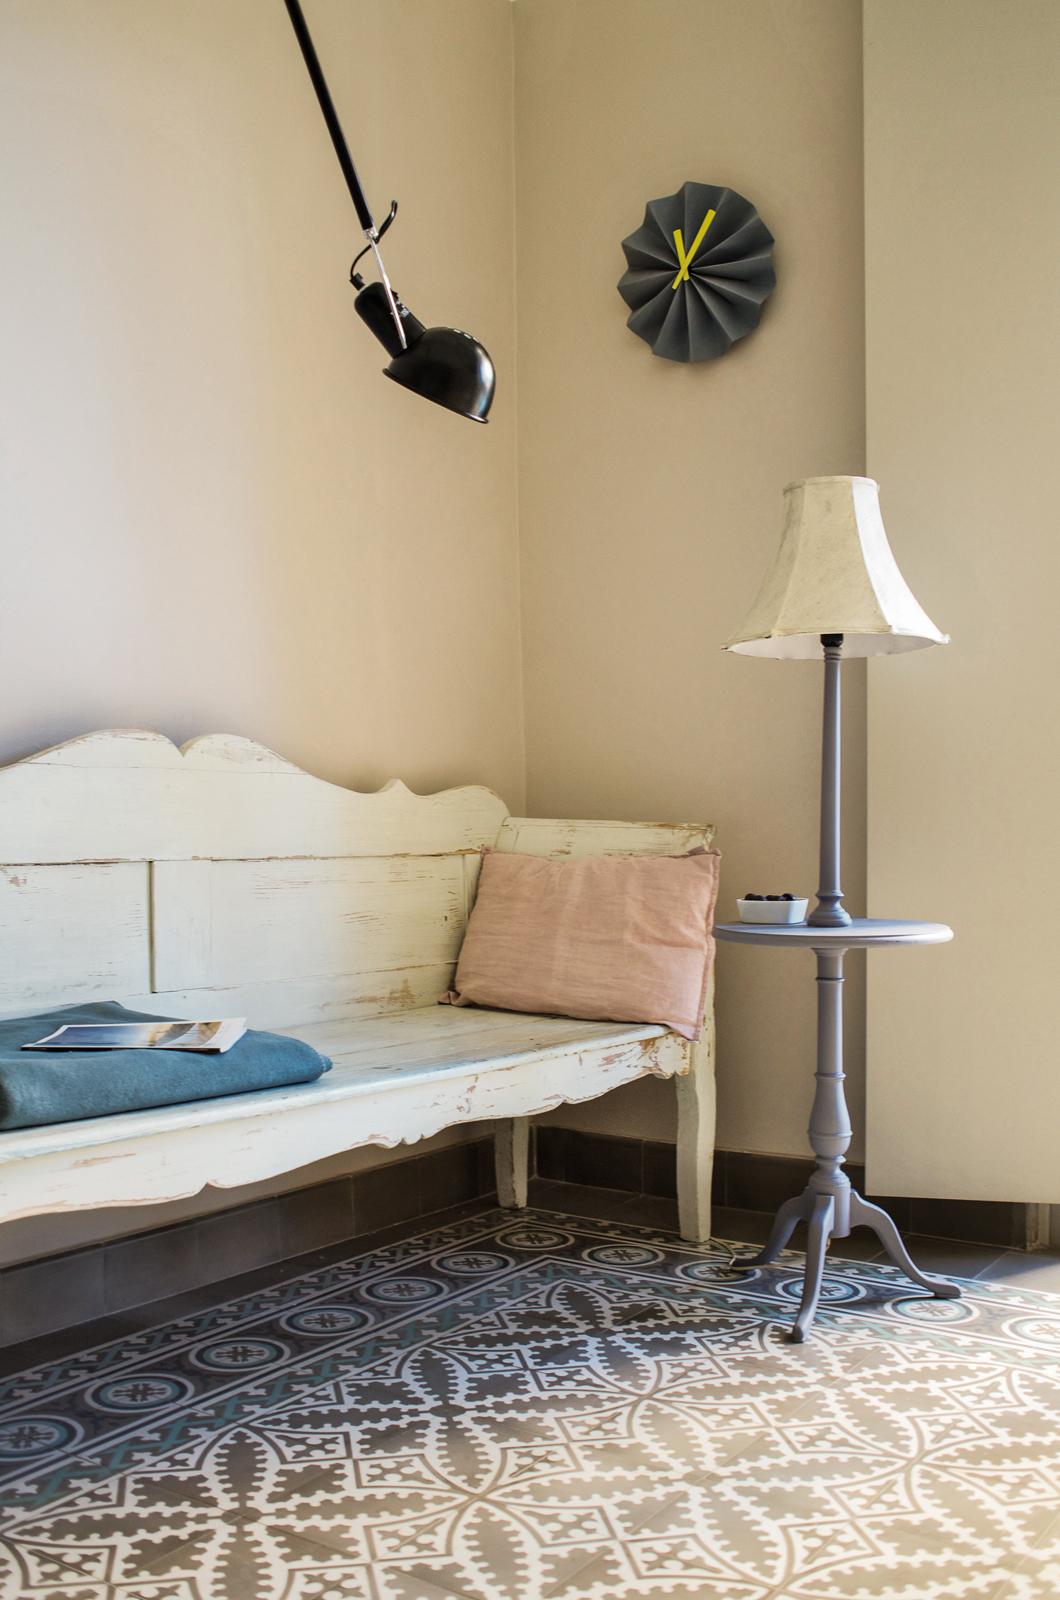 kreidefarbe-Edelweiss-111-holzbank-zementfliesen-terrazzofliesen-viaplatten | Kreidefarbe Edelweiß 2500 ml